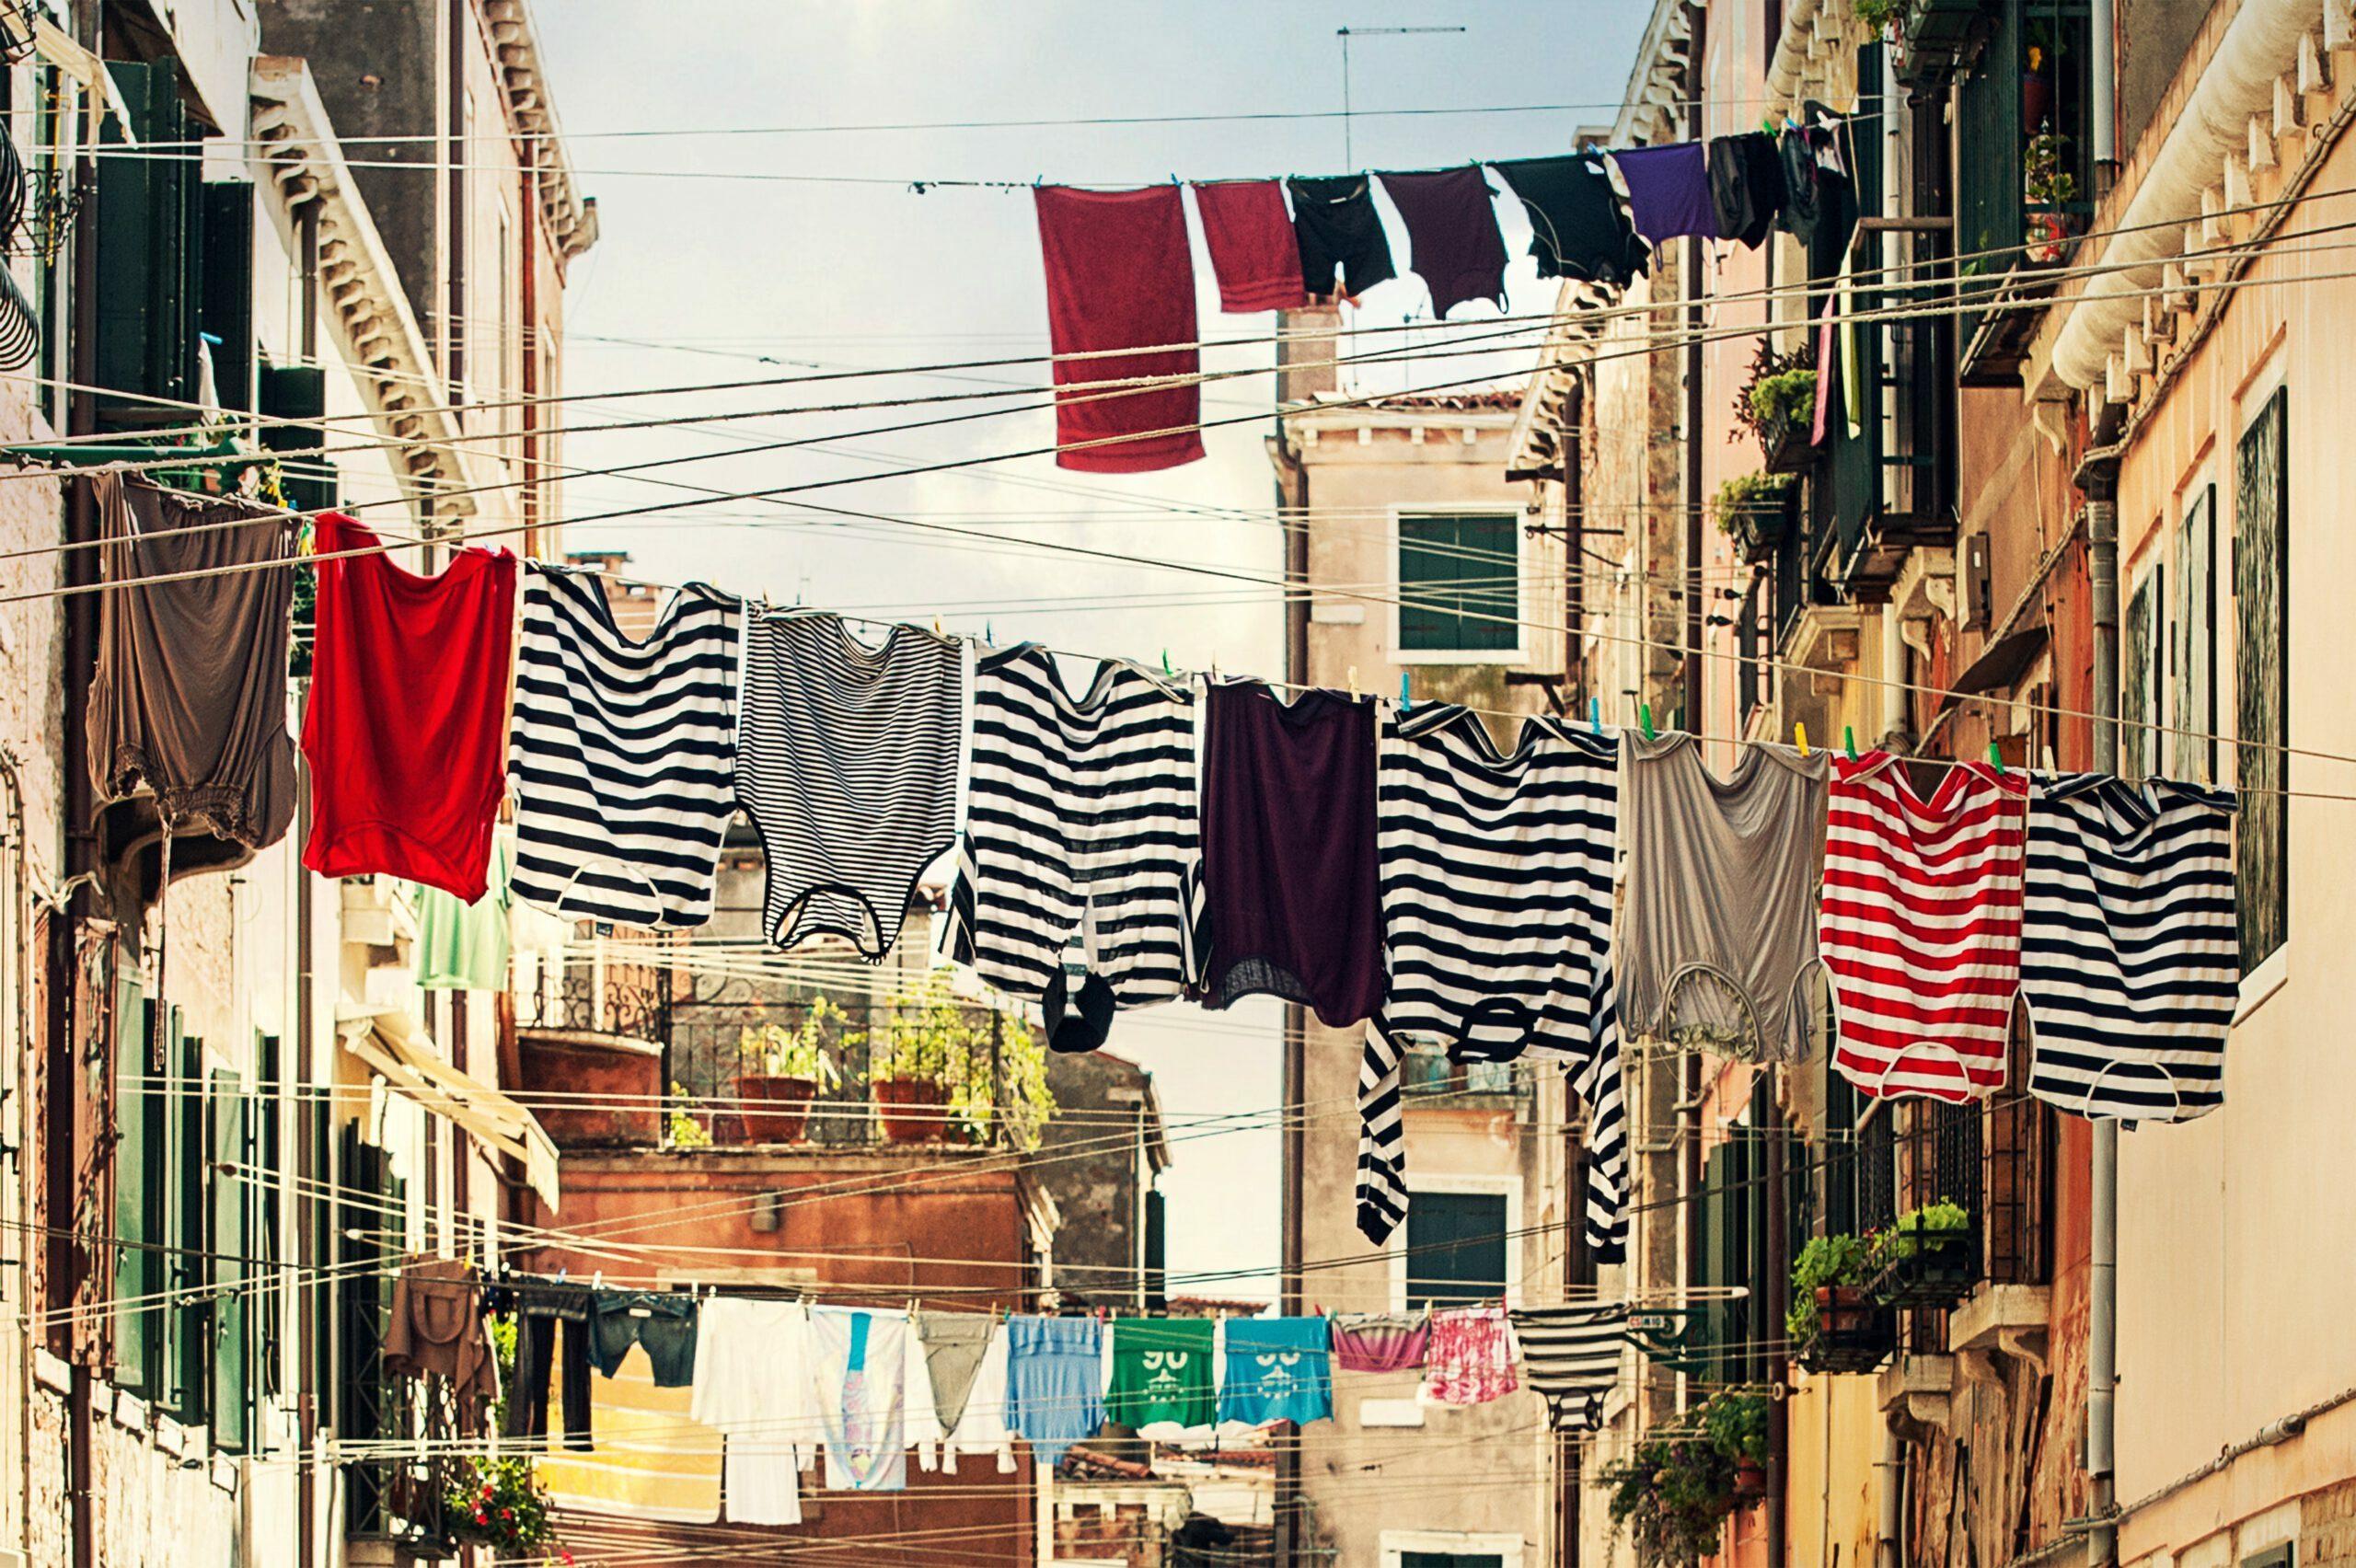 buildings-clothes-clothes-line-102303